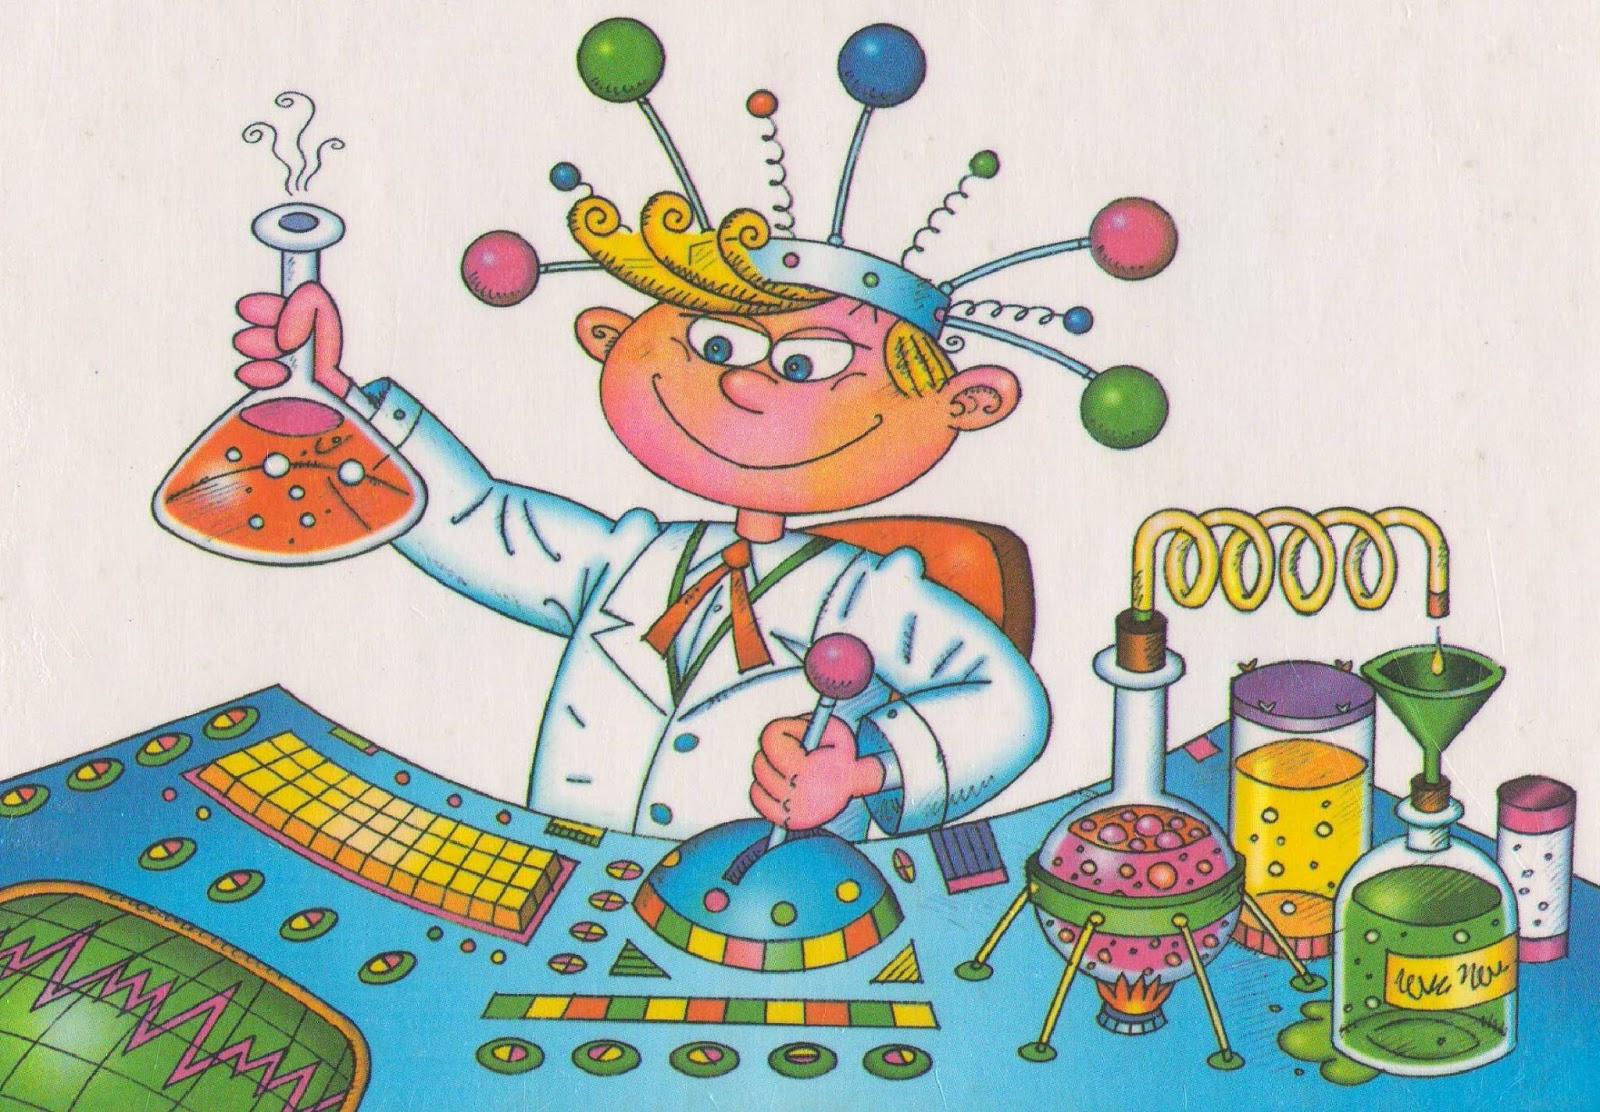 признак по науке картинки веселые фен-шуй считают